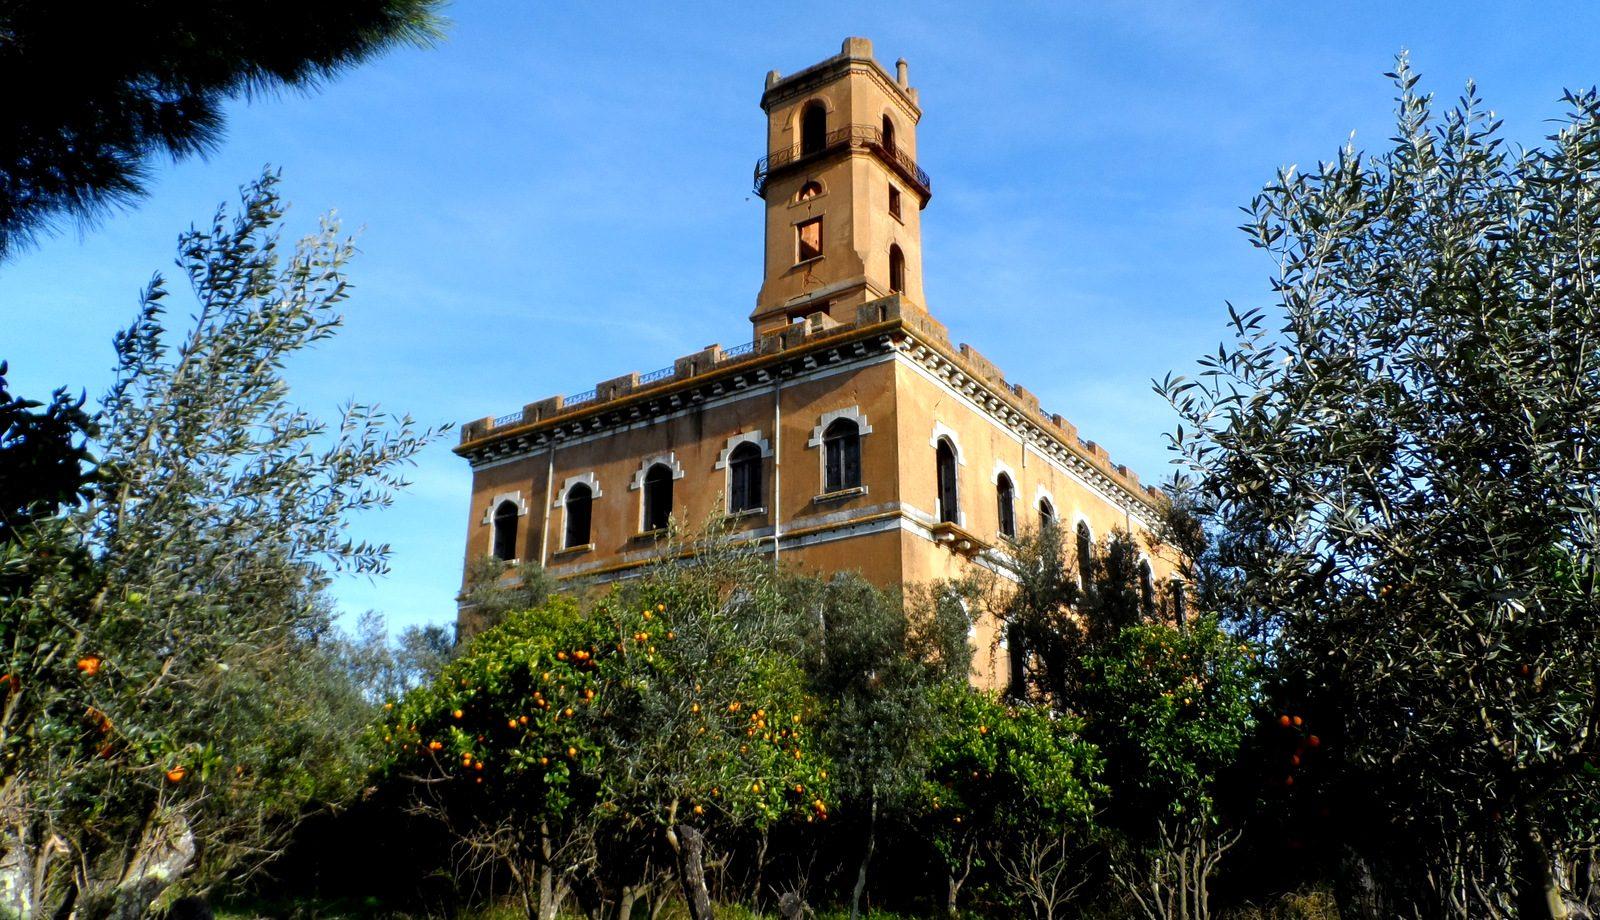 Palácio do Rei do Lixo or Torre do Inferno (Hell's Tower)